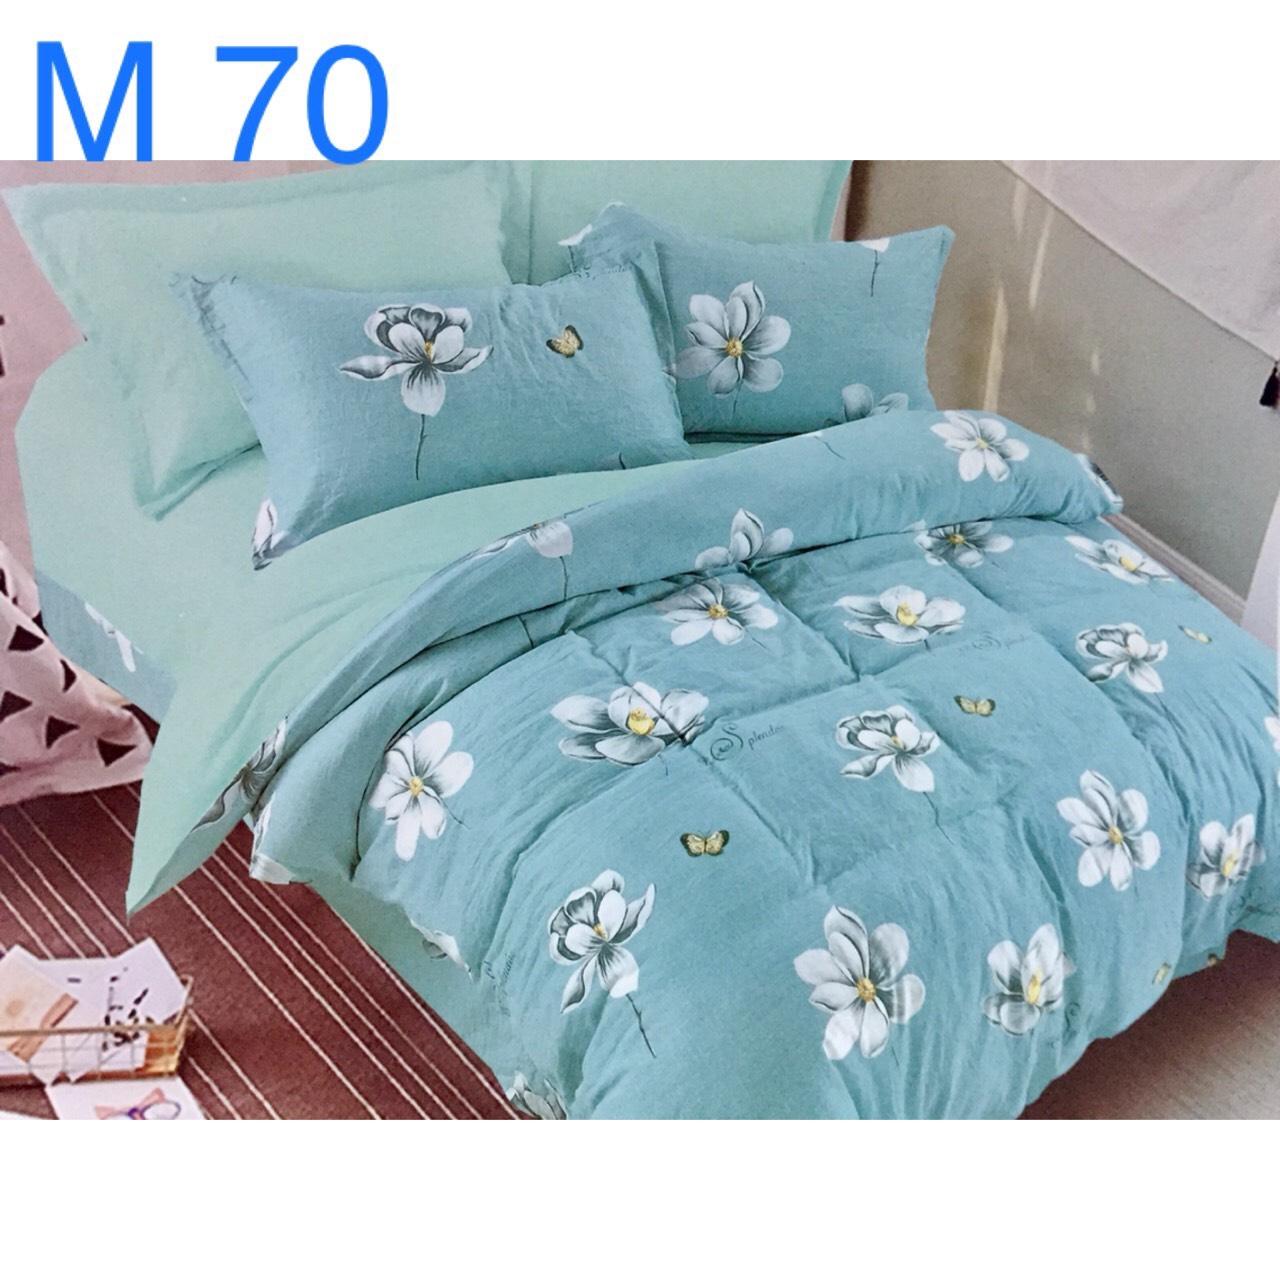 Bộ Chăn Ga Cotton Đũi Loại 1 Hàn Quốc - M70